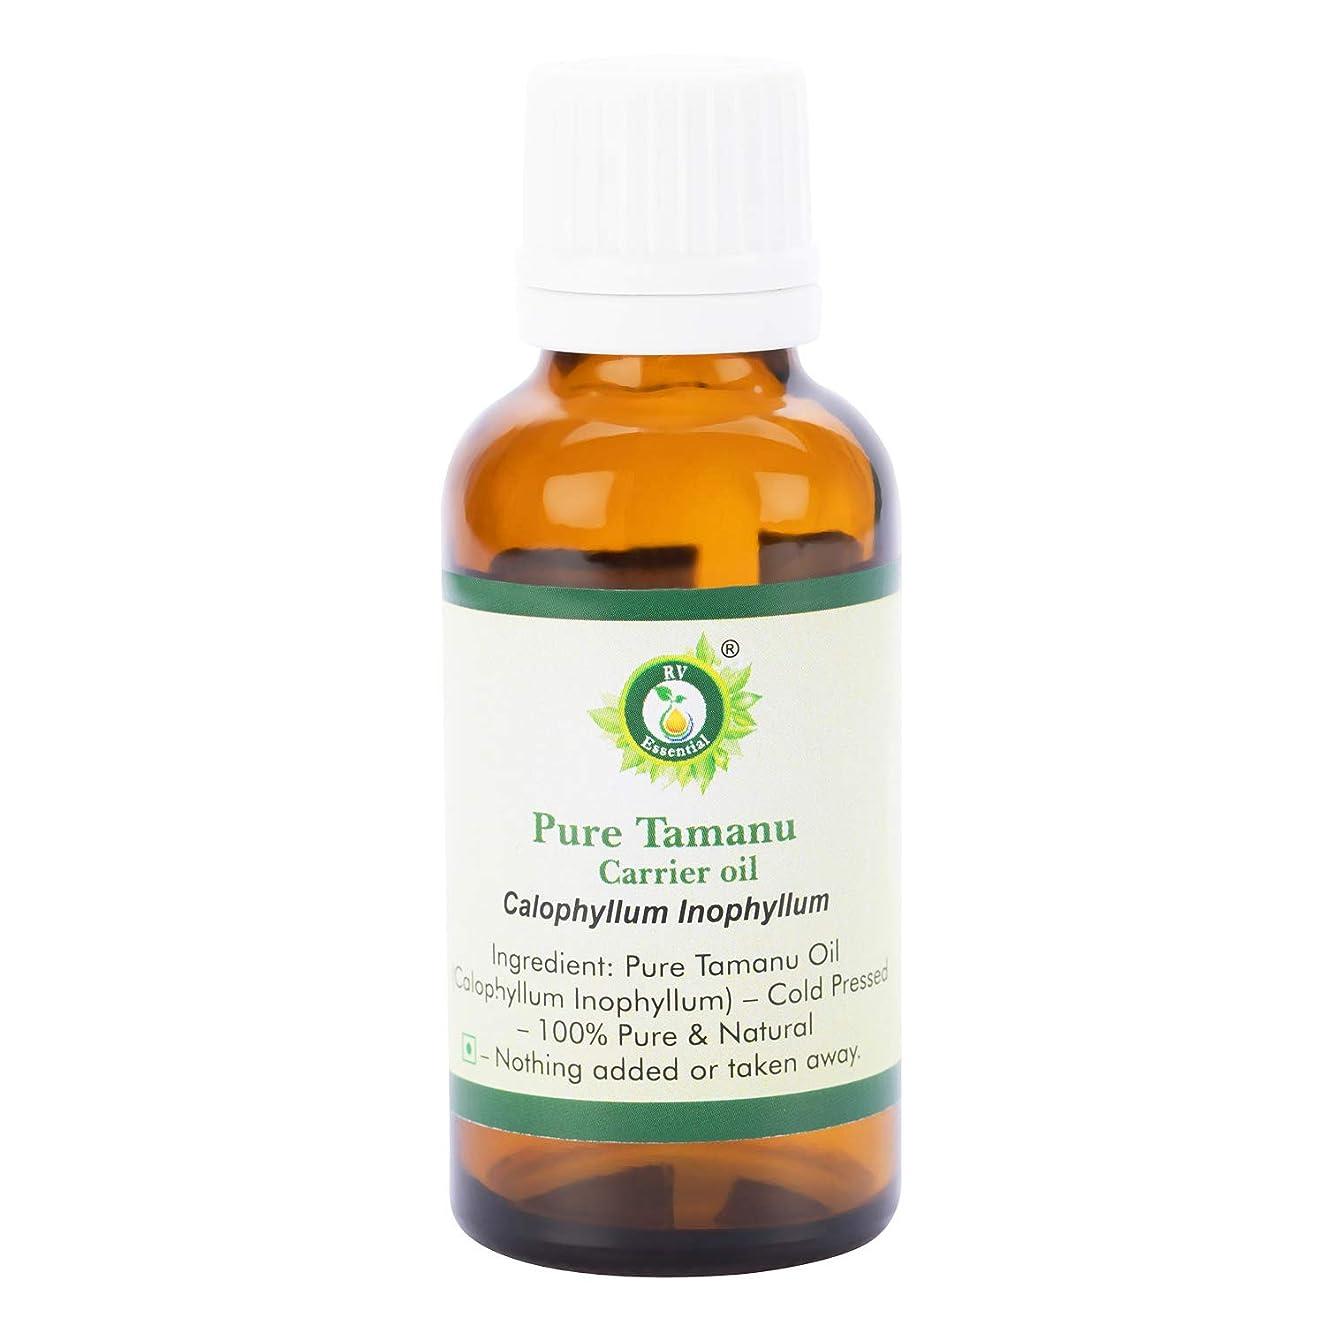 まだら広大なラッドヤードキップリングピュアTamanuキャリアオイル30ml (1.01oz)- Calophyllum Inophyllum (100%ピュア&ナチュラルコールドPressed) Pure Tamanu Carrier Oil